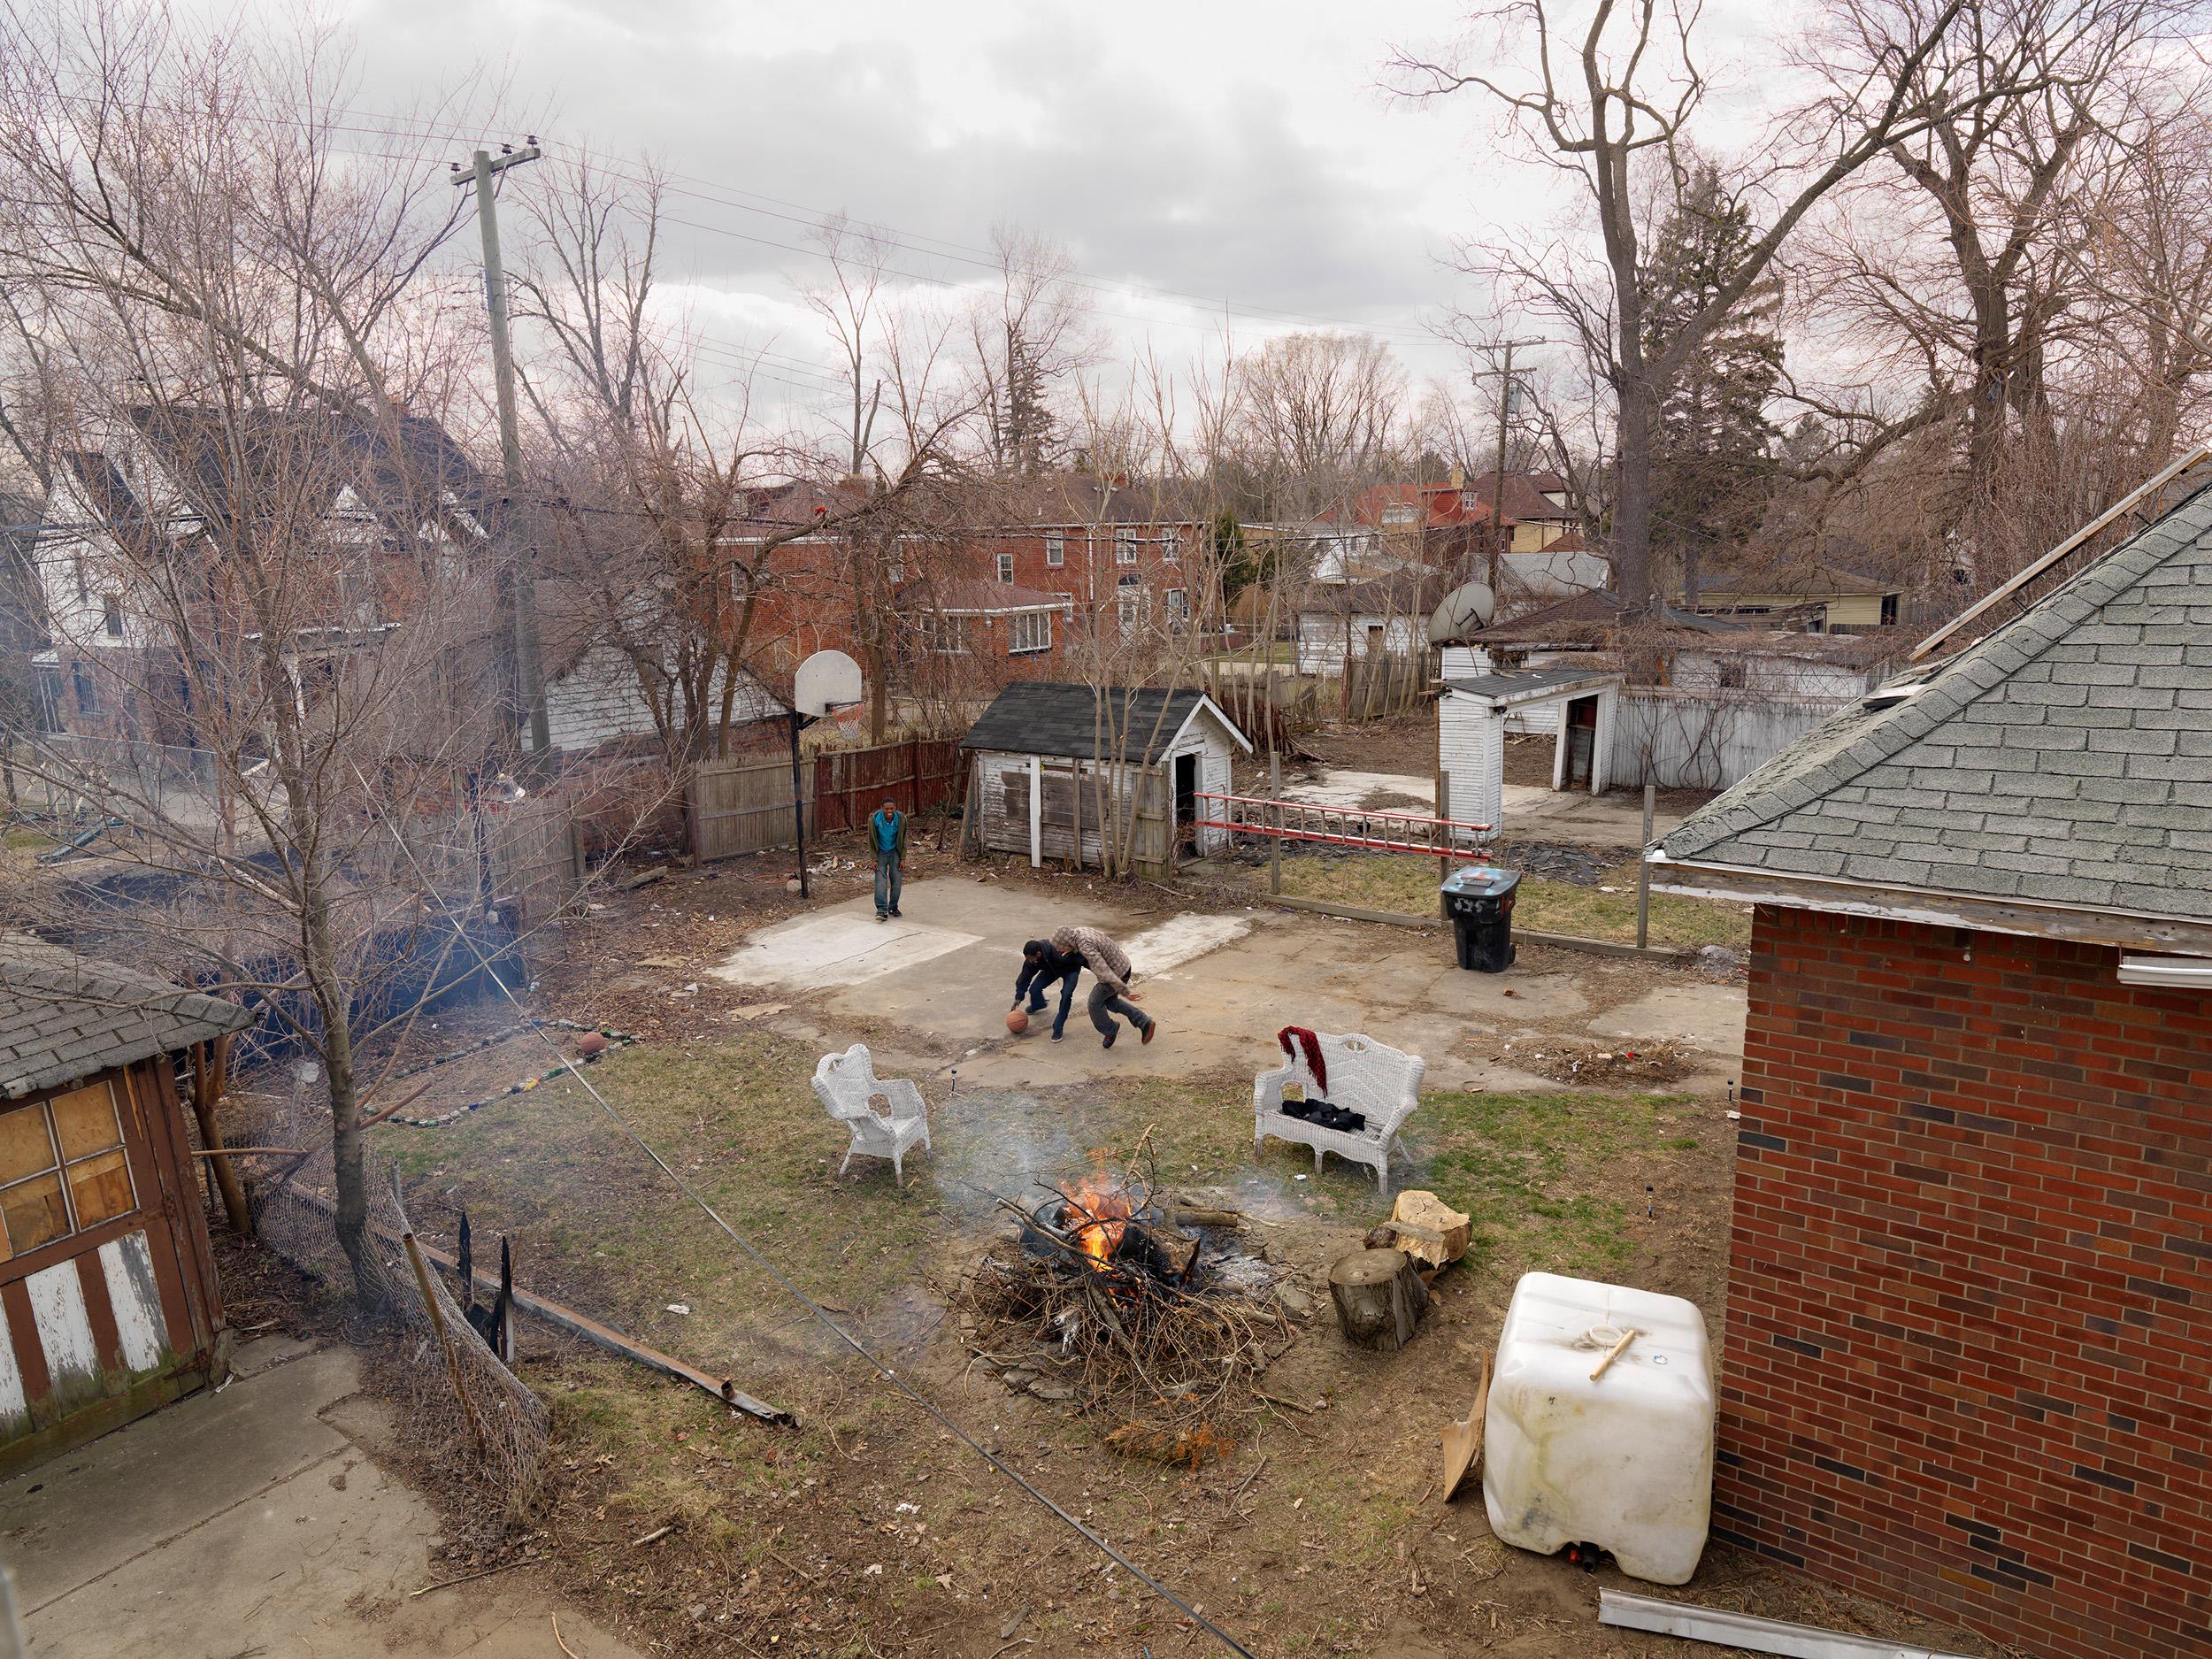 Backyard Basketball, Goldengate St., Detroit, Michigan, 2013